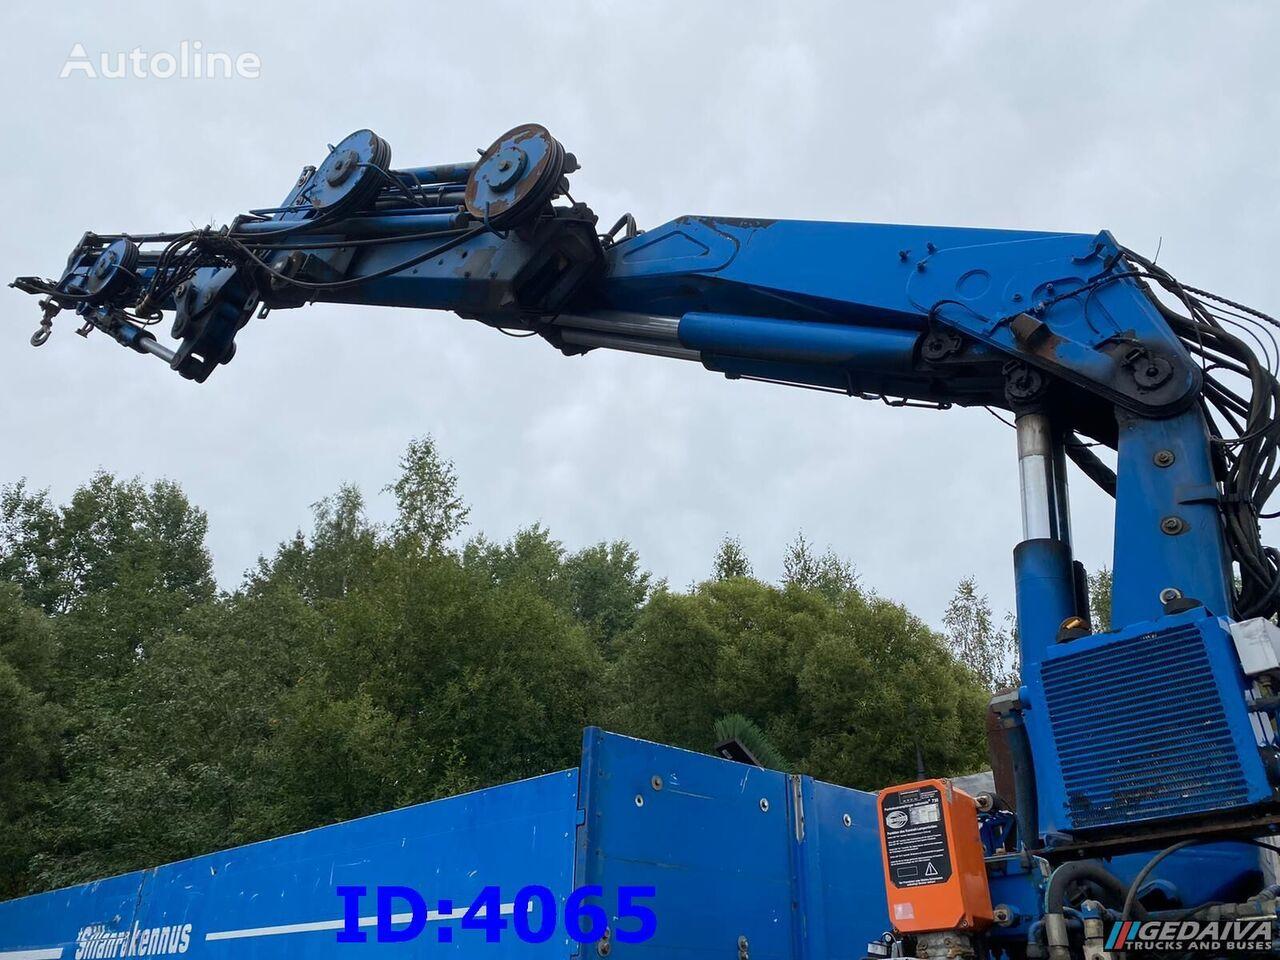 HIAB 300-5 + JIB 90-3 + Radio loader crane